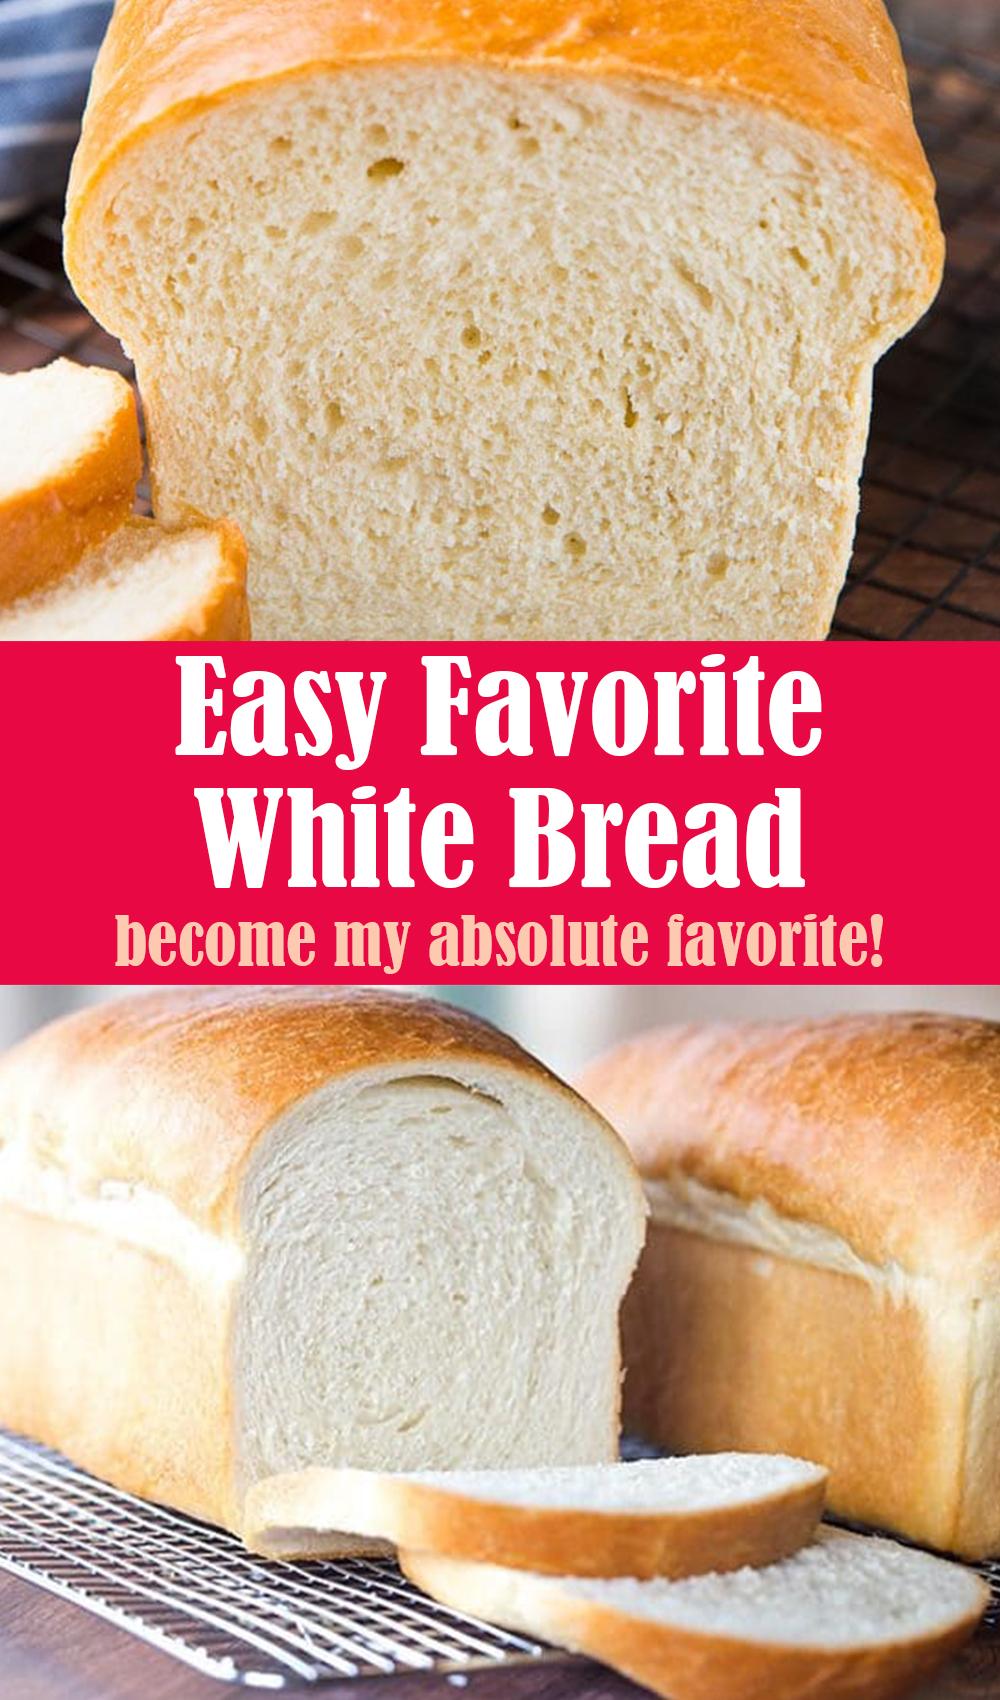 Easy Favorite White Bread Recipe